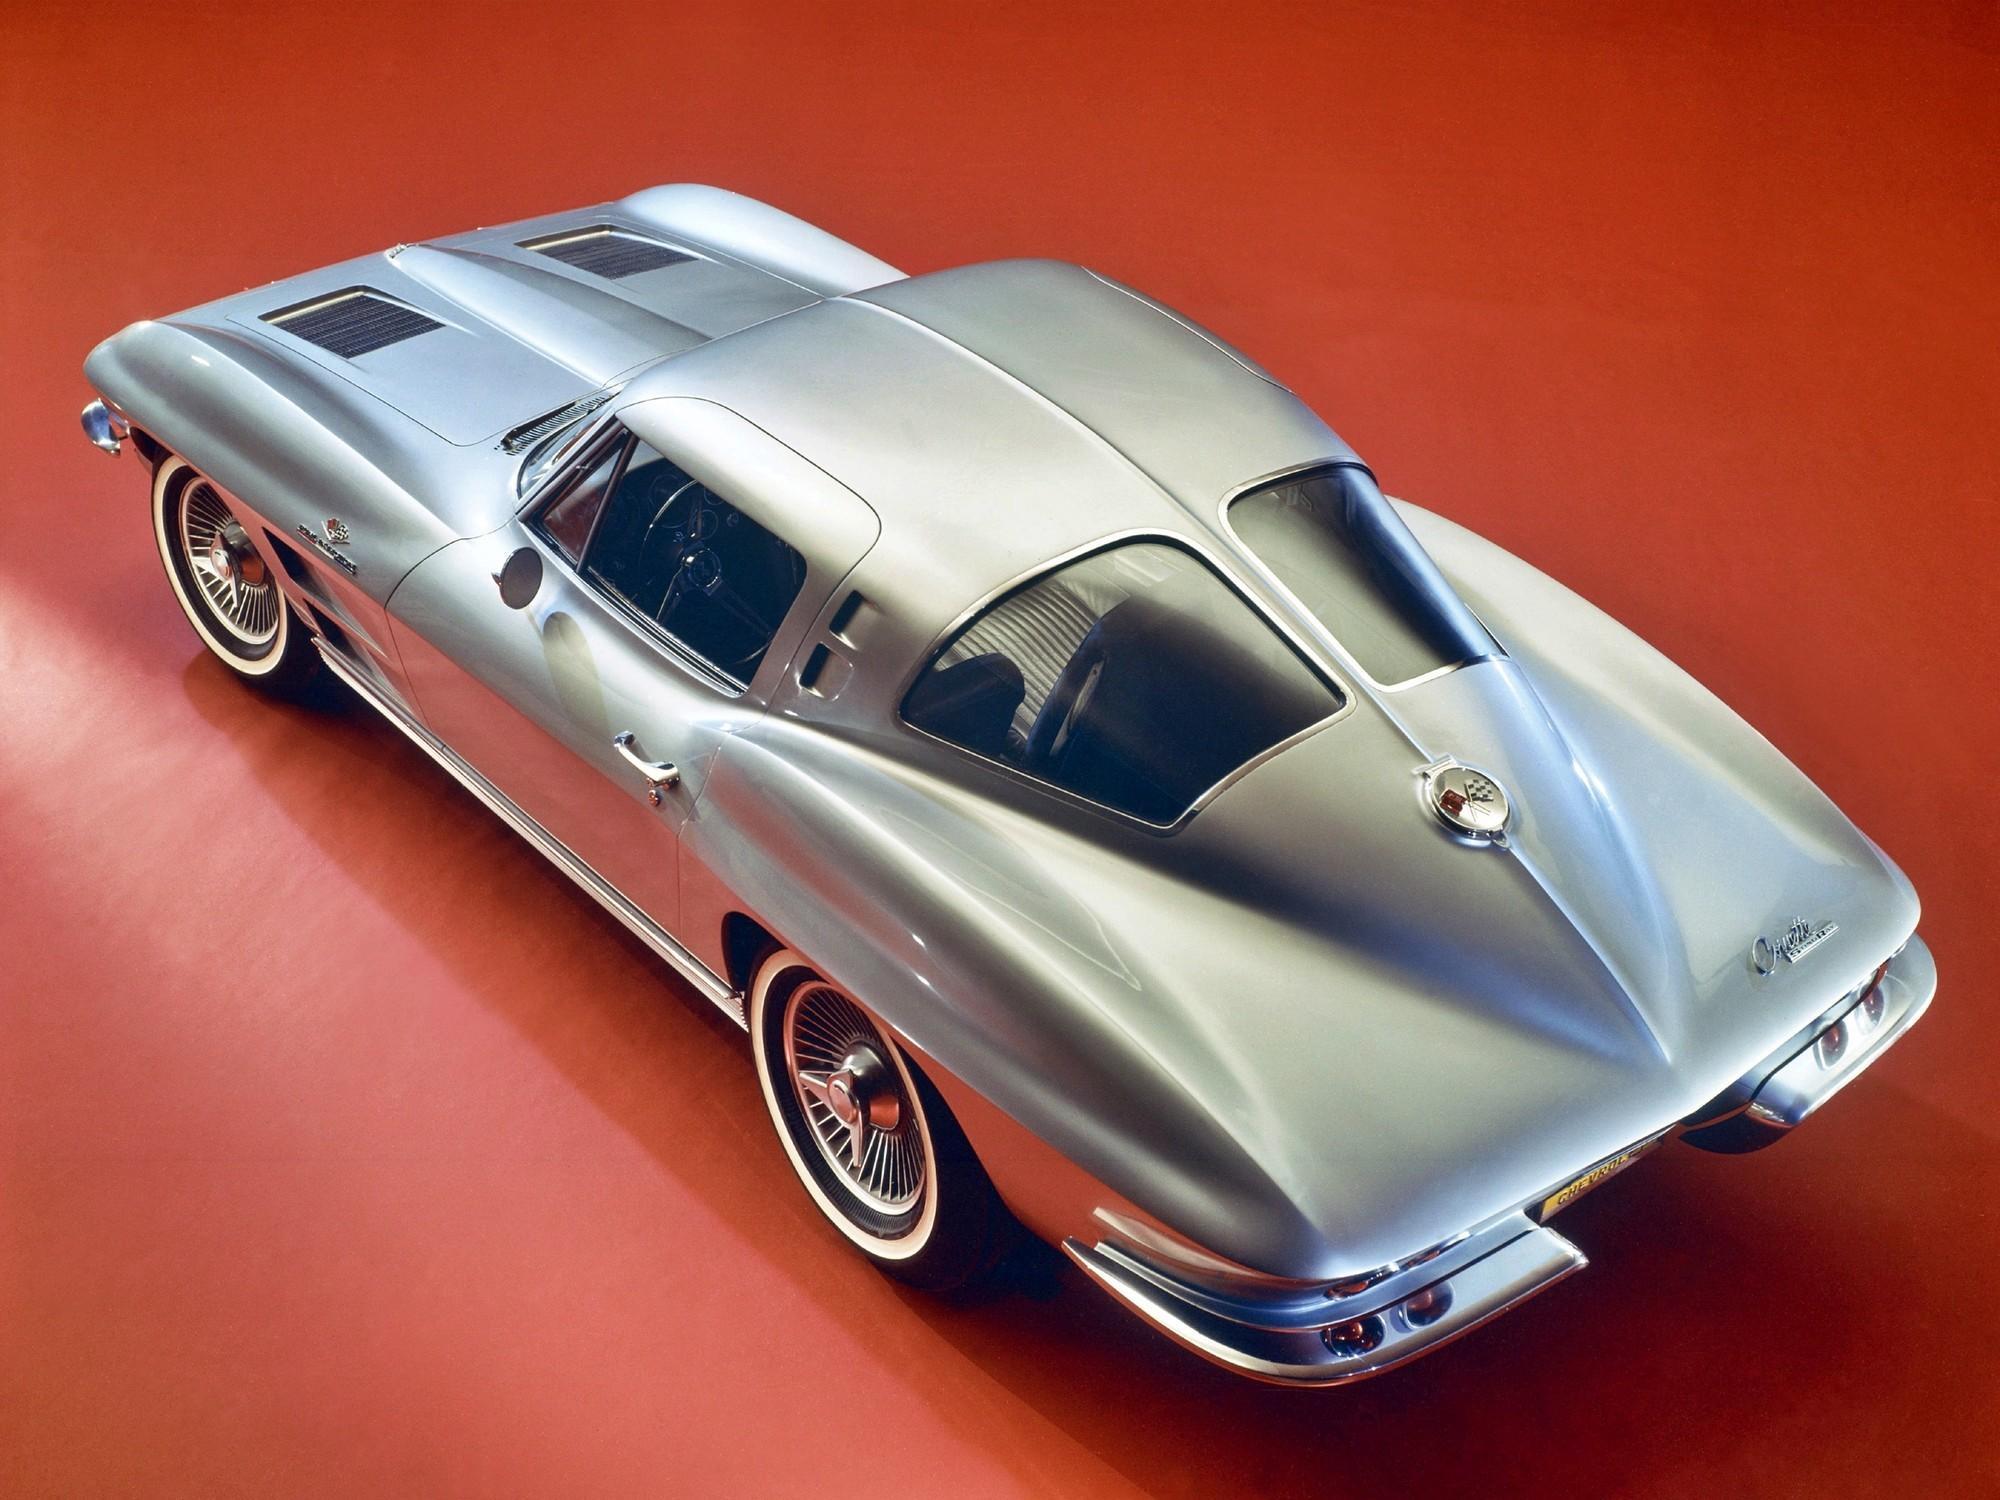 Chevrolet Corvette C2 вернётся к жизни с полным приводом и мощностью свыше 2000 л.с.!